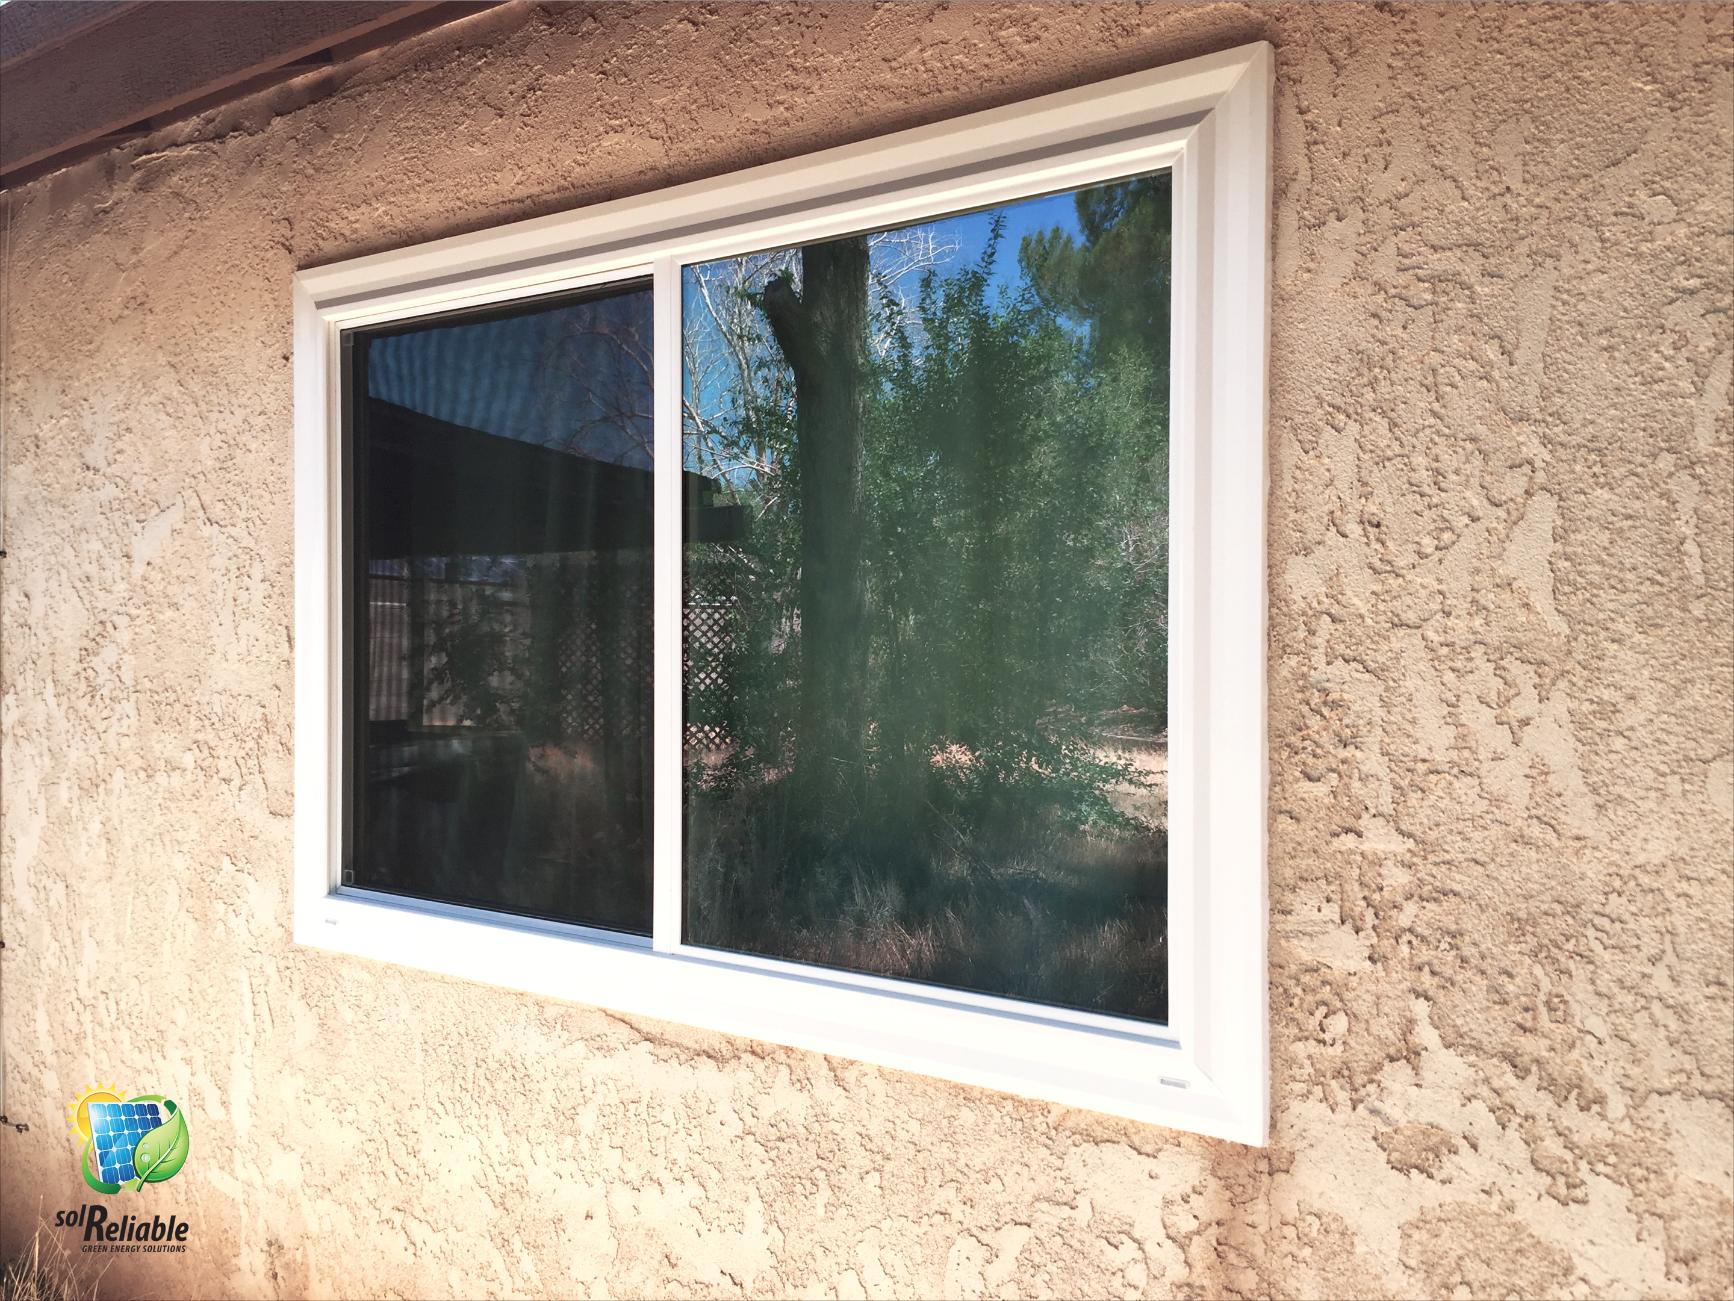 High Efficiency Windows & Windows u0026 Doors   SolReliable   Los Angeles County CA pezcame.com